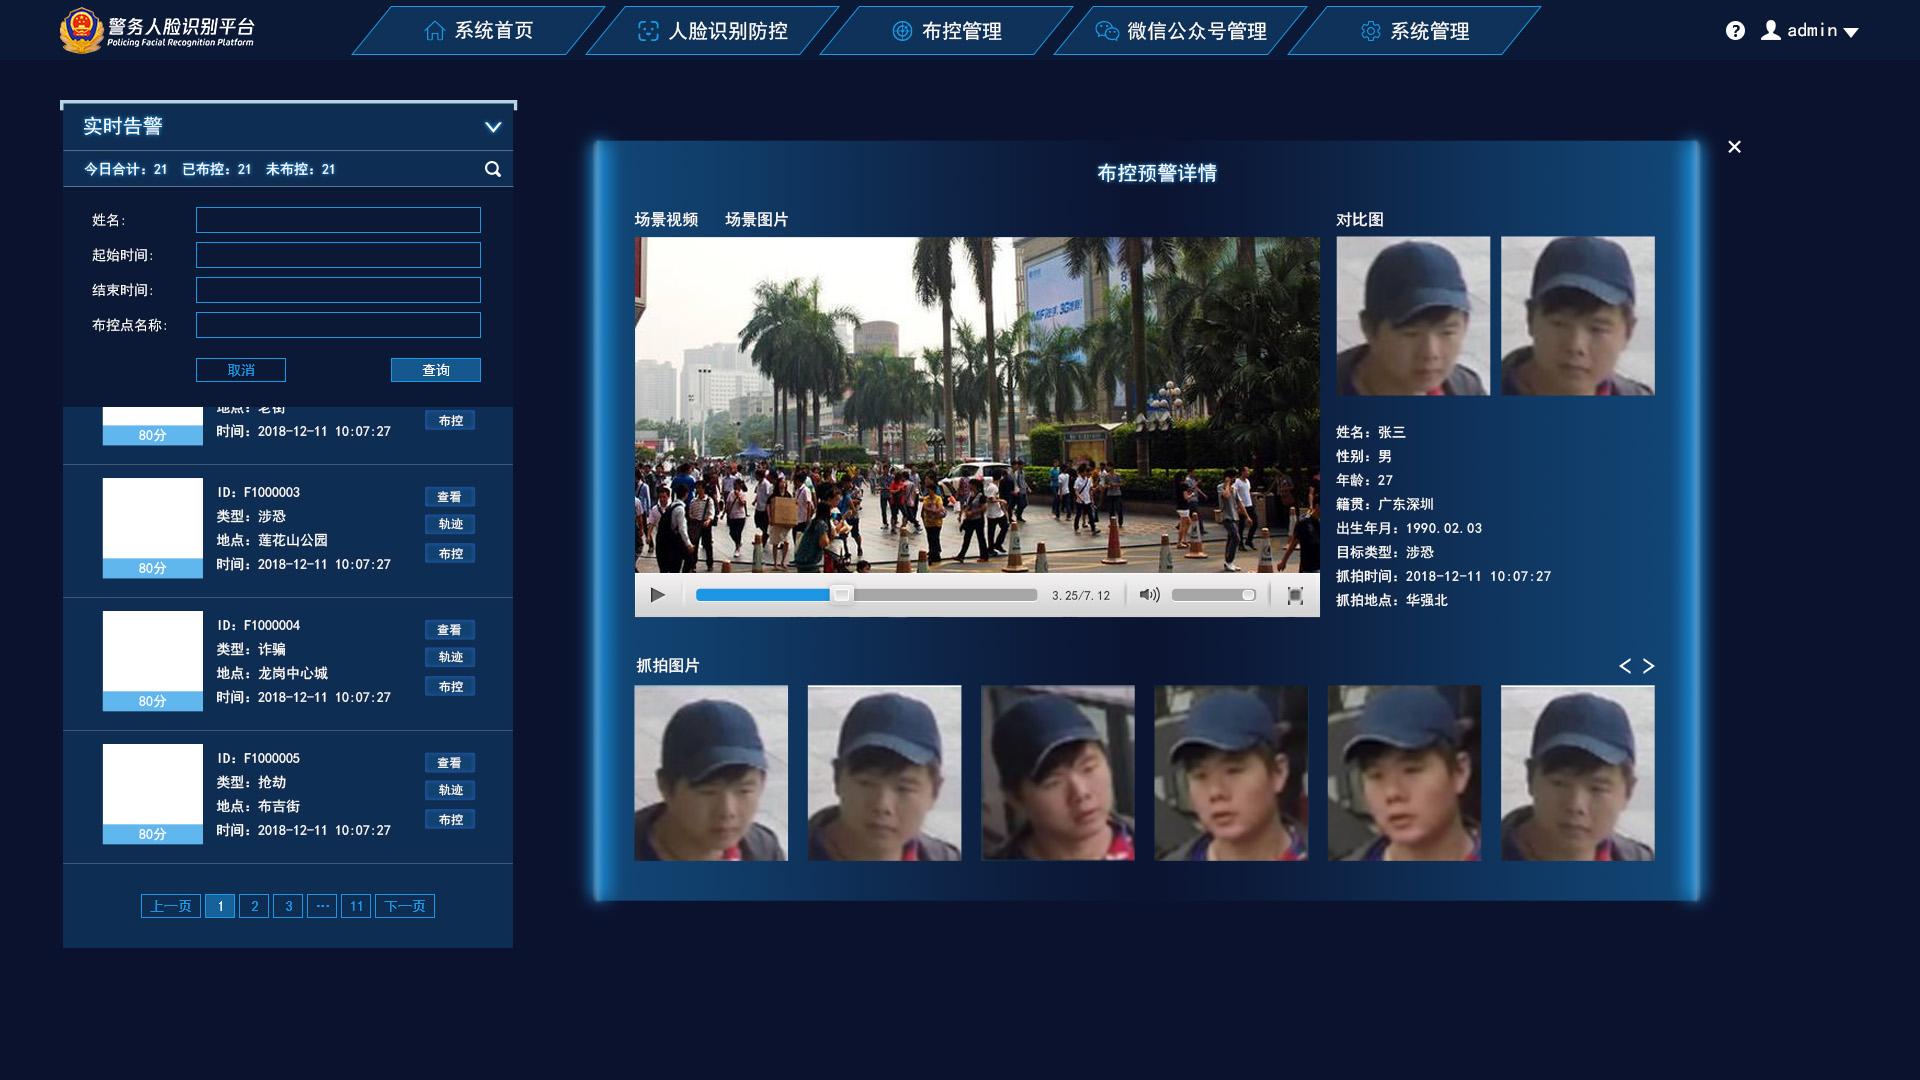 某公安局警务人脸识别平台